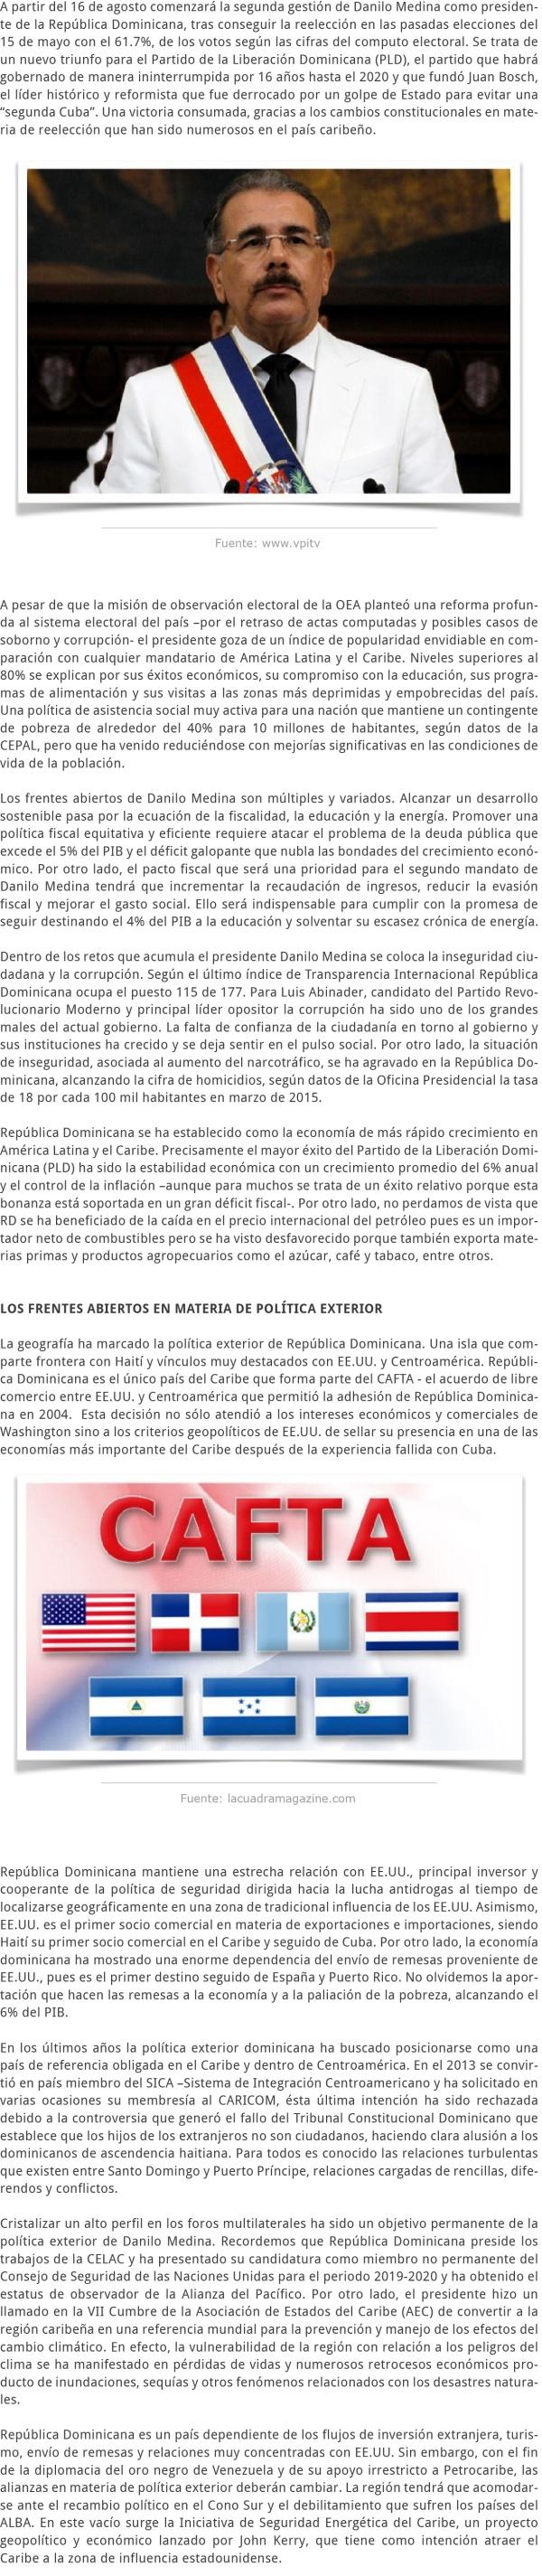 LA TOMA DE PROTESTA DE DANILO MEDINA COMO PRESIDENTE EN REPÚBLICA DOMINICANA